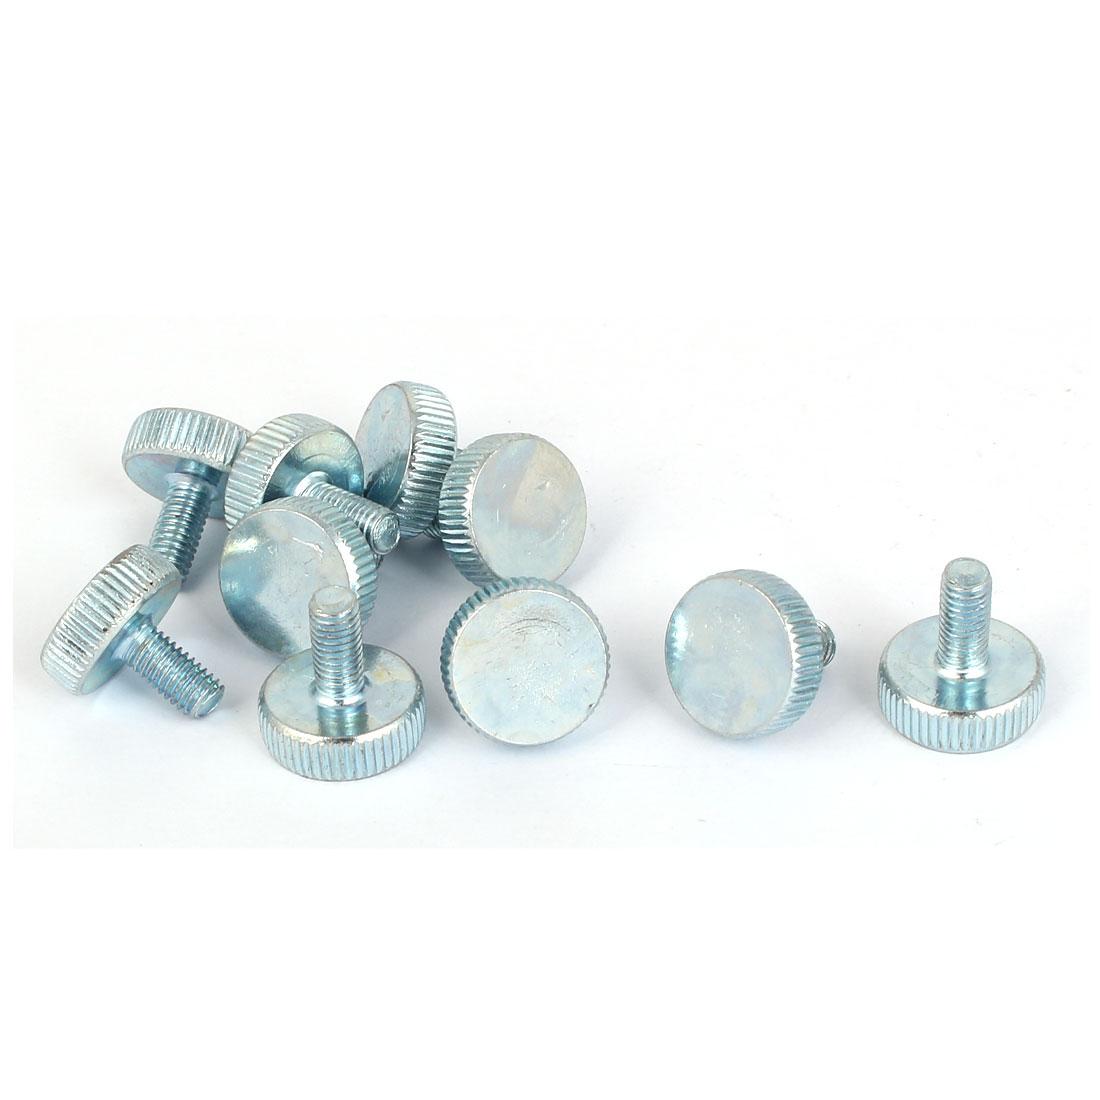 M5x10mm Thread Carbon Steel Knurled Round Head Thumb Screws Silver Blue 10pcs